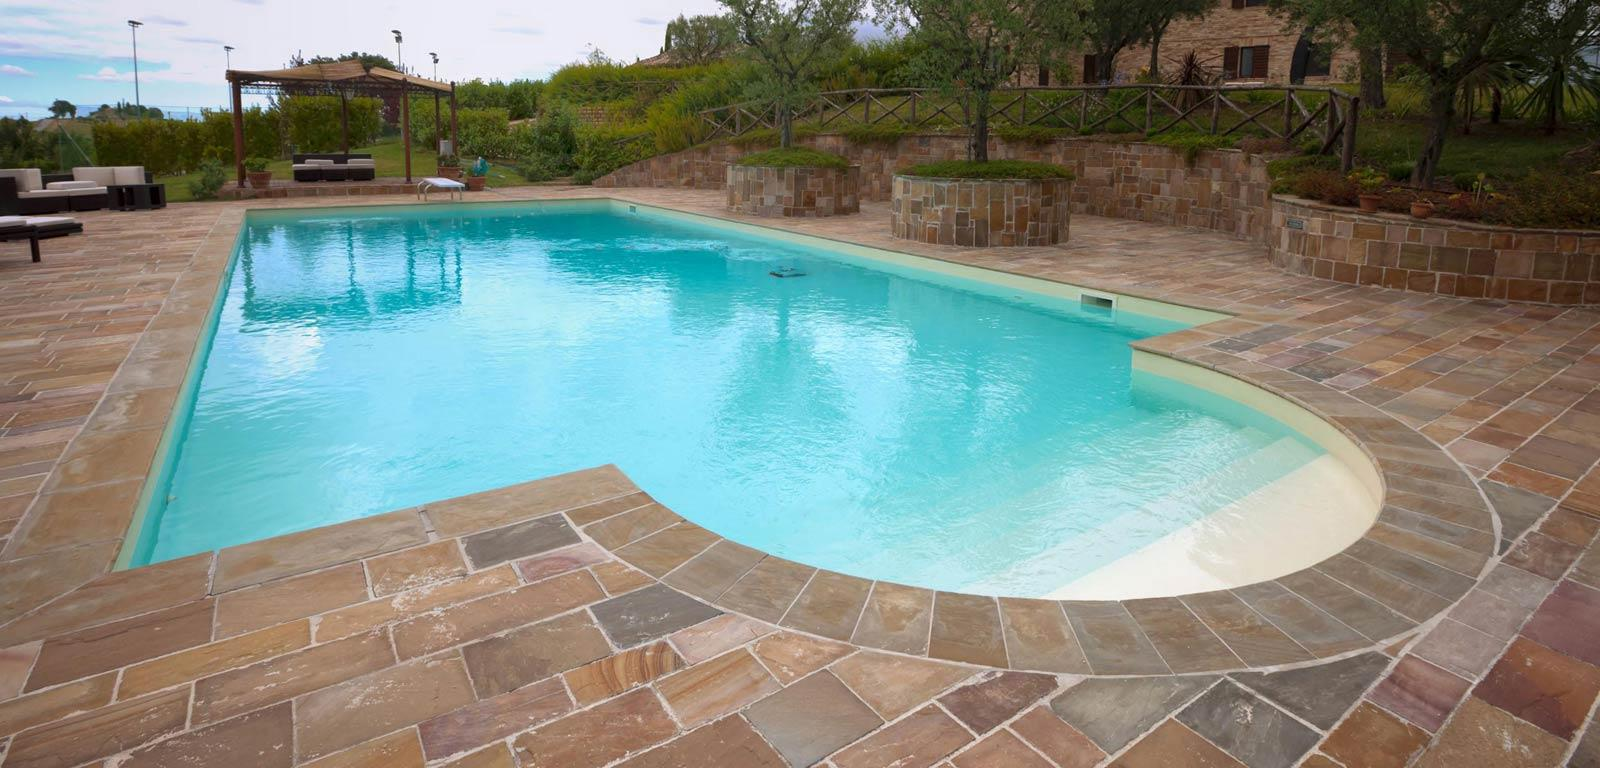 Piscine con telo sabbia piscine castiglione for Castiglione piscine